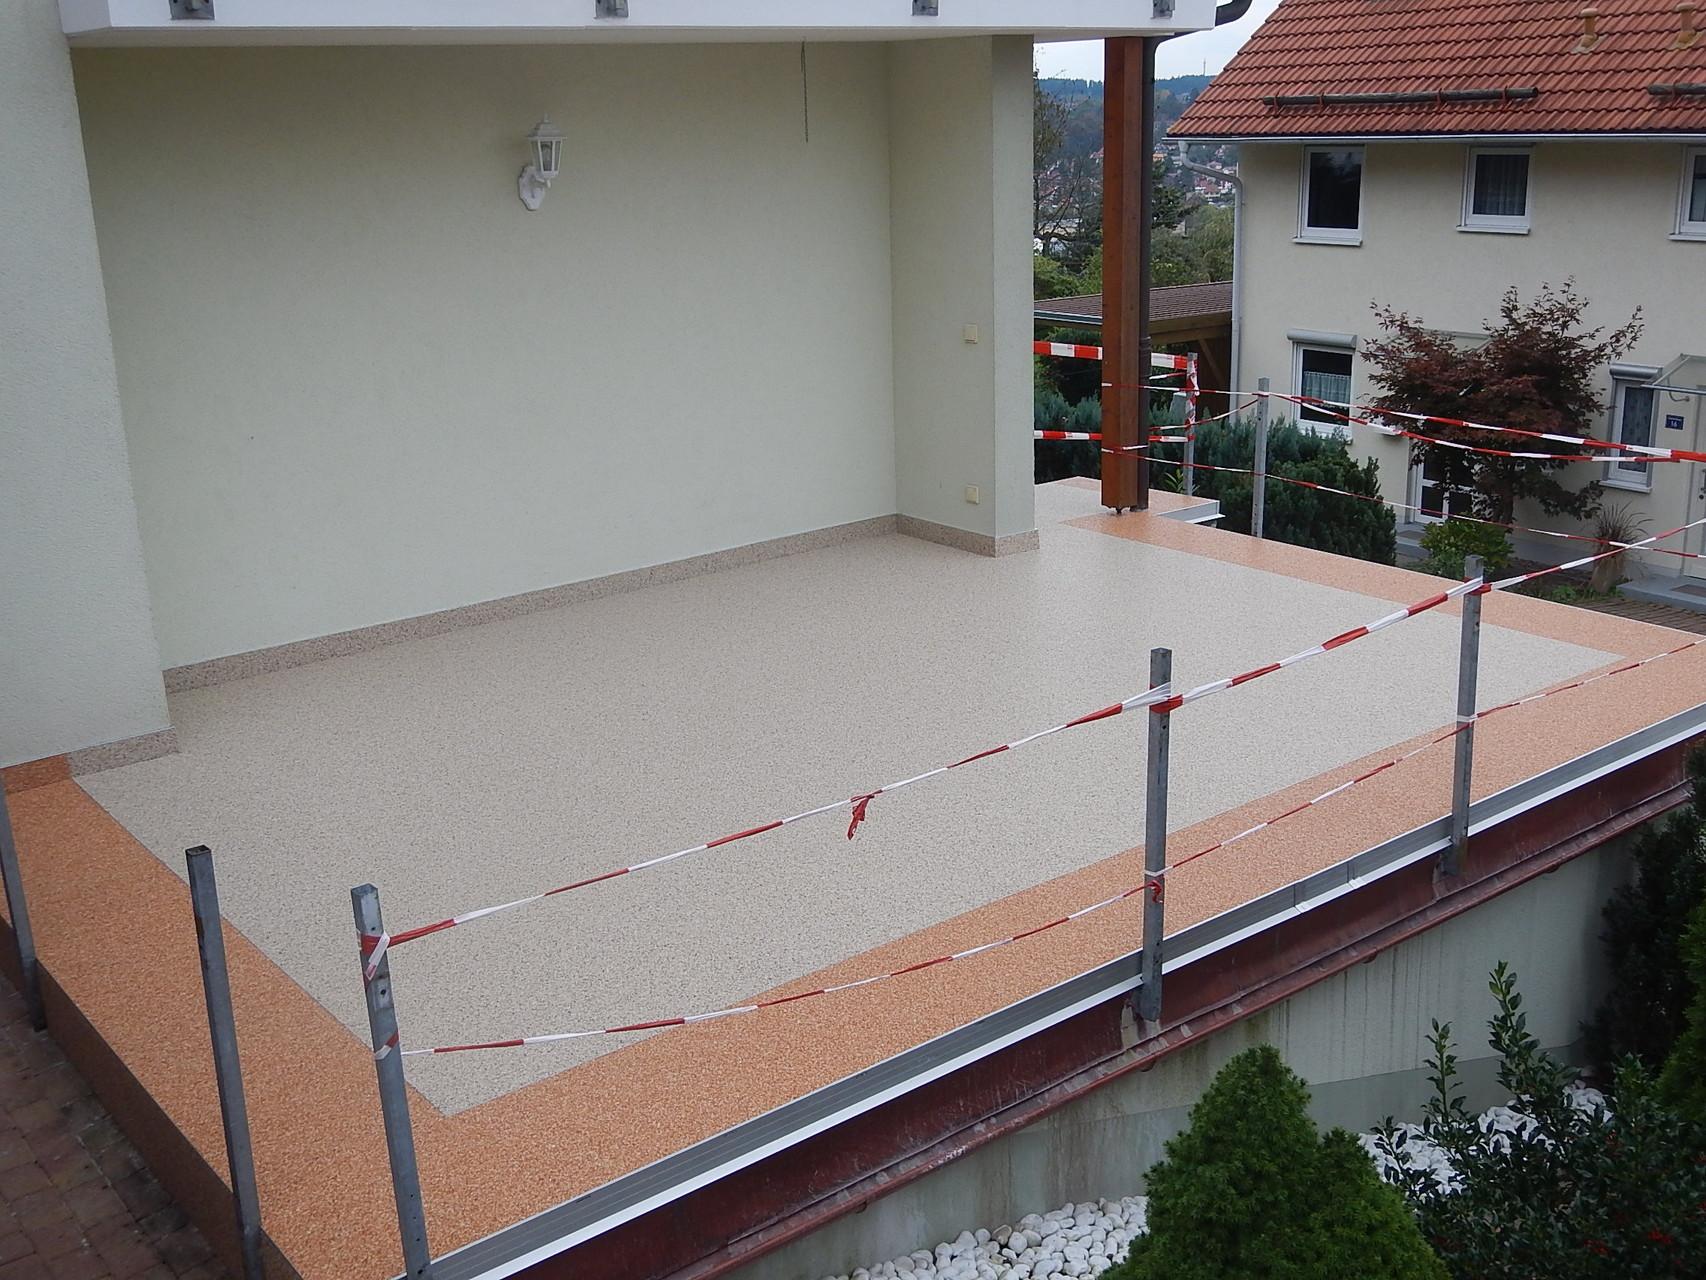 Steintppich in Suhl